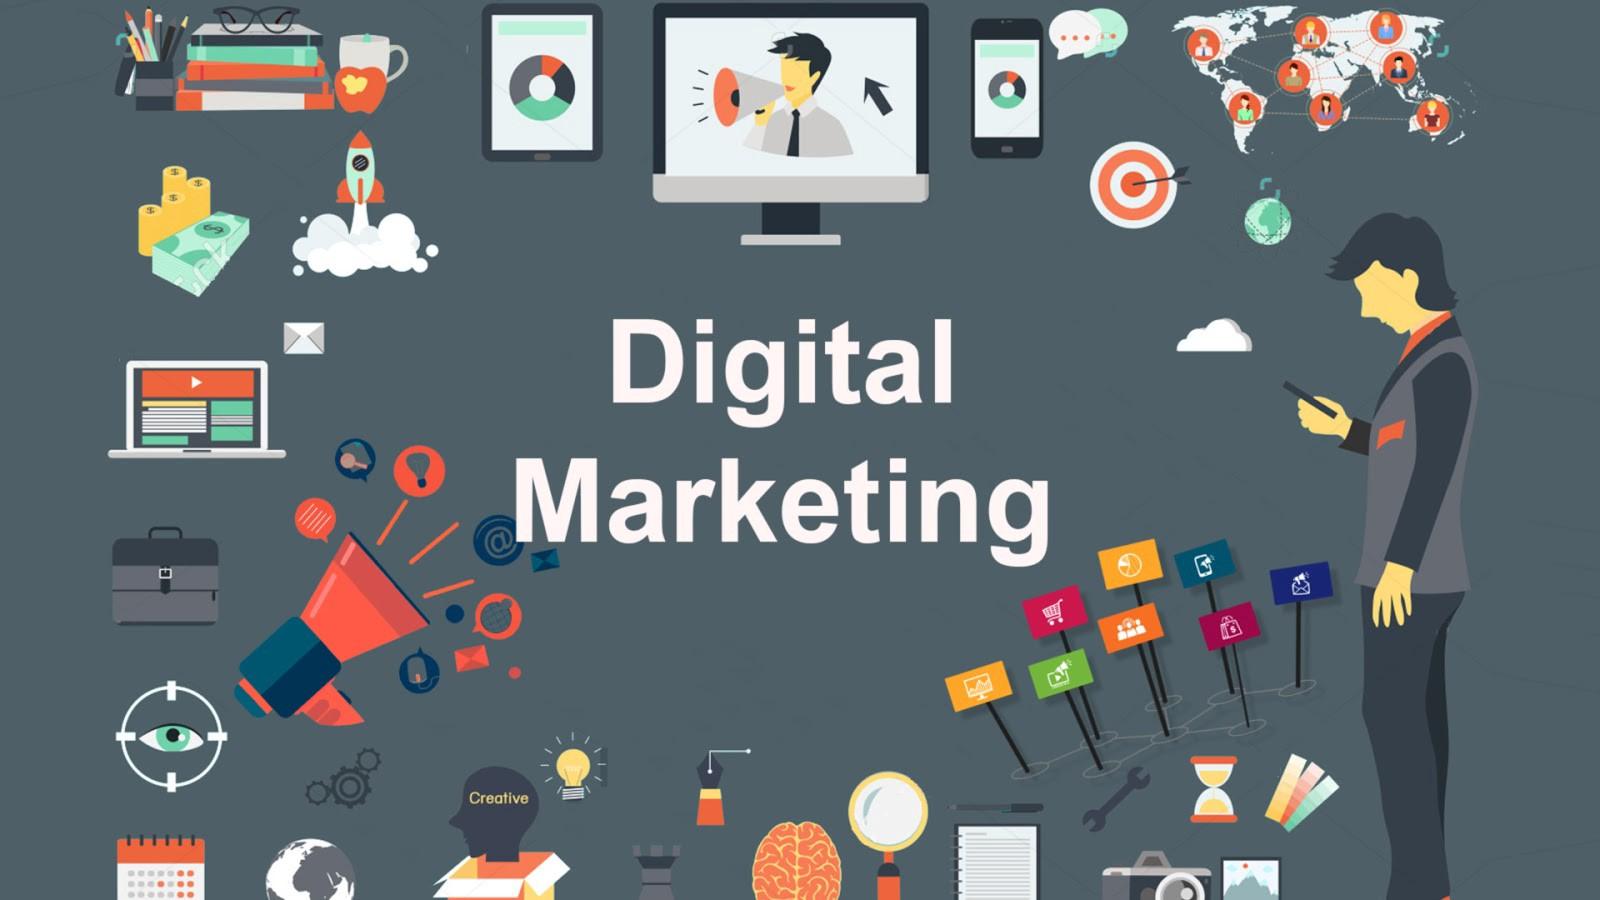 Digital Marketing là gì? 10 hình thức Digital Marketing phổ biến hiện nay